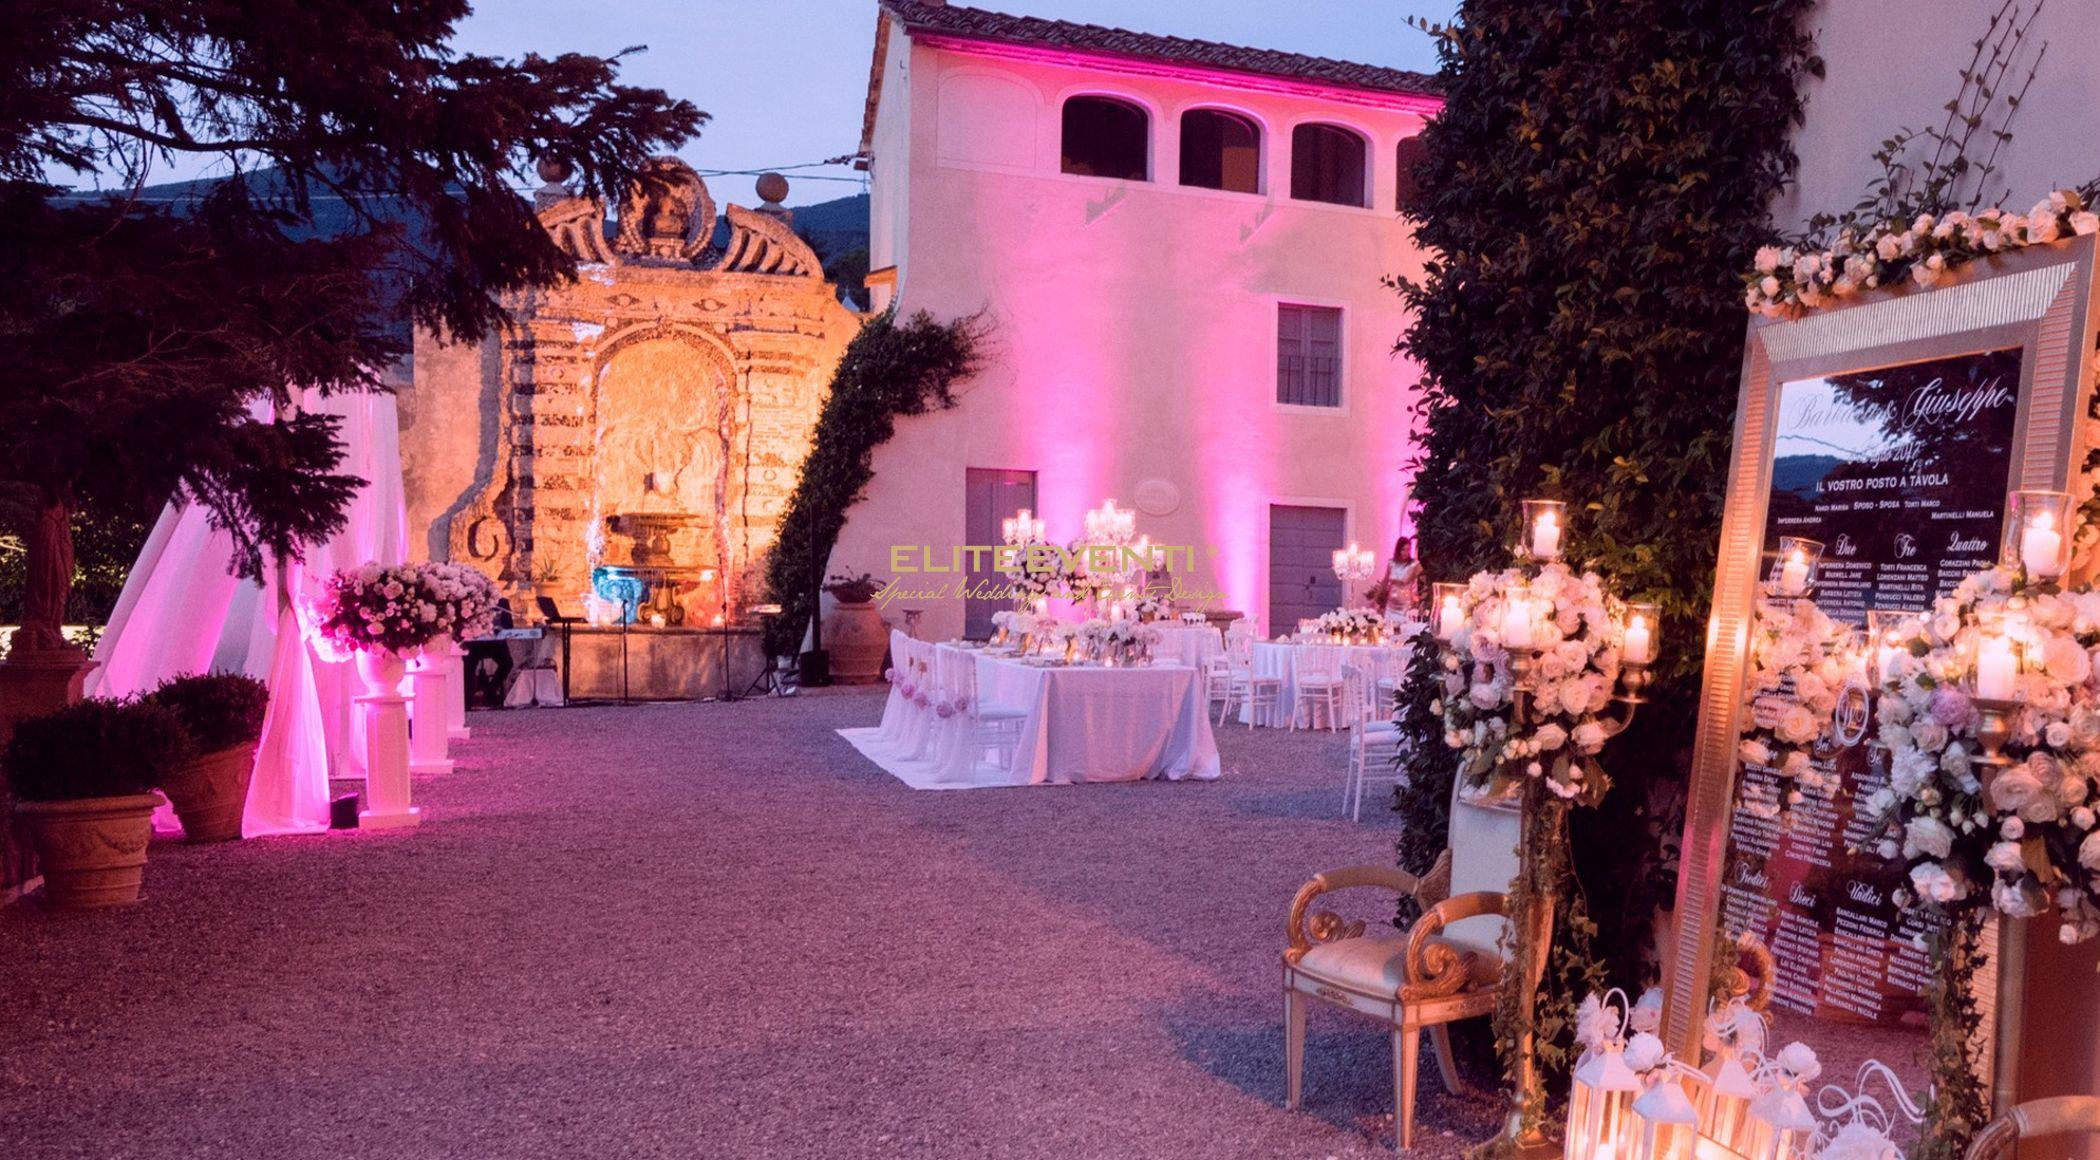 Sogno di una notte di mezza estate - allestimento matrimonio - By Eliteeventi